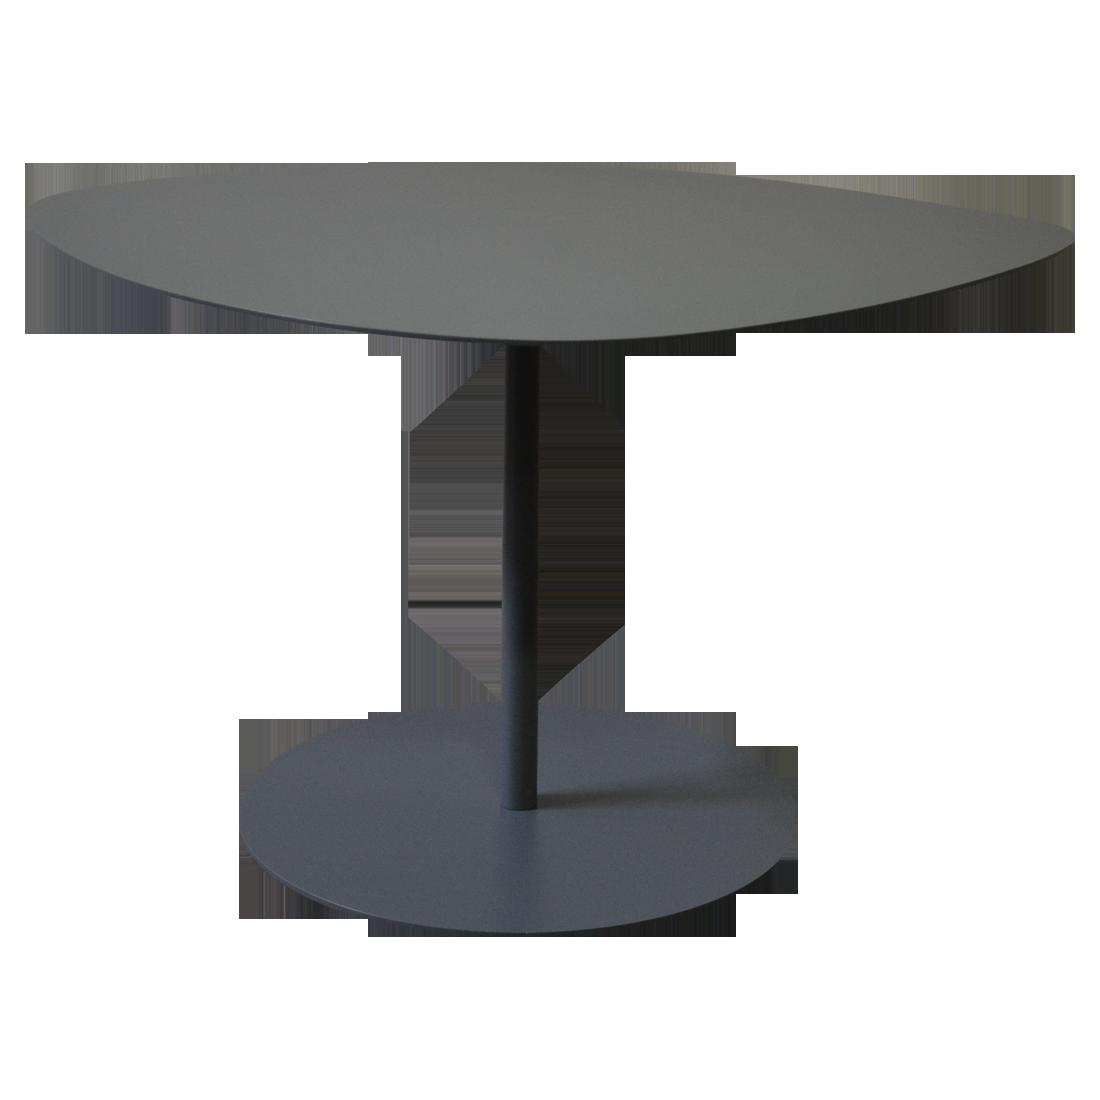 Table Basse Galet N 1 Grise En Acier De Luc Jozancy Pour Matiere Grise Table Basse Galet Table Basse Table